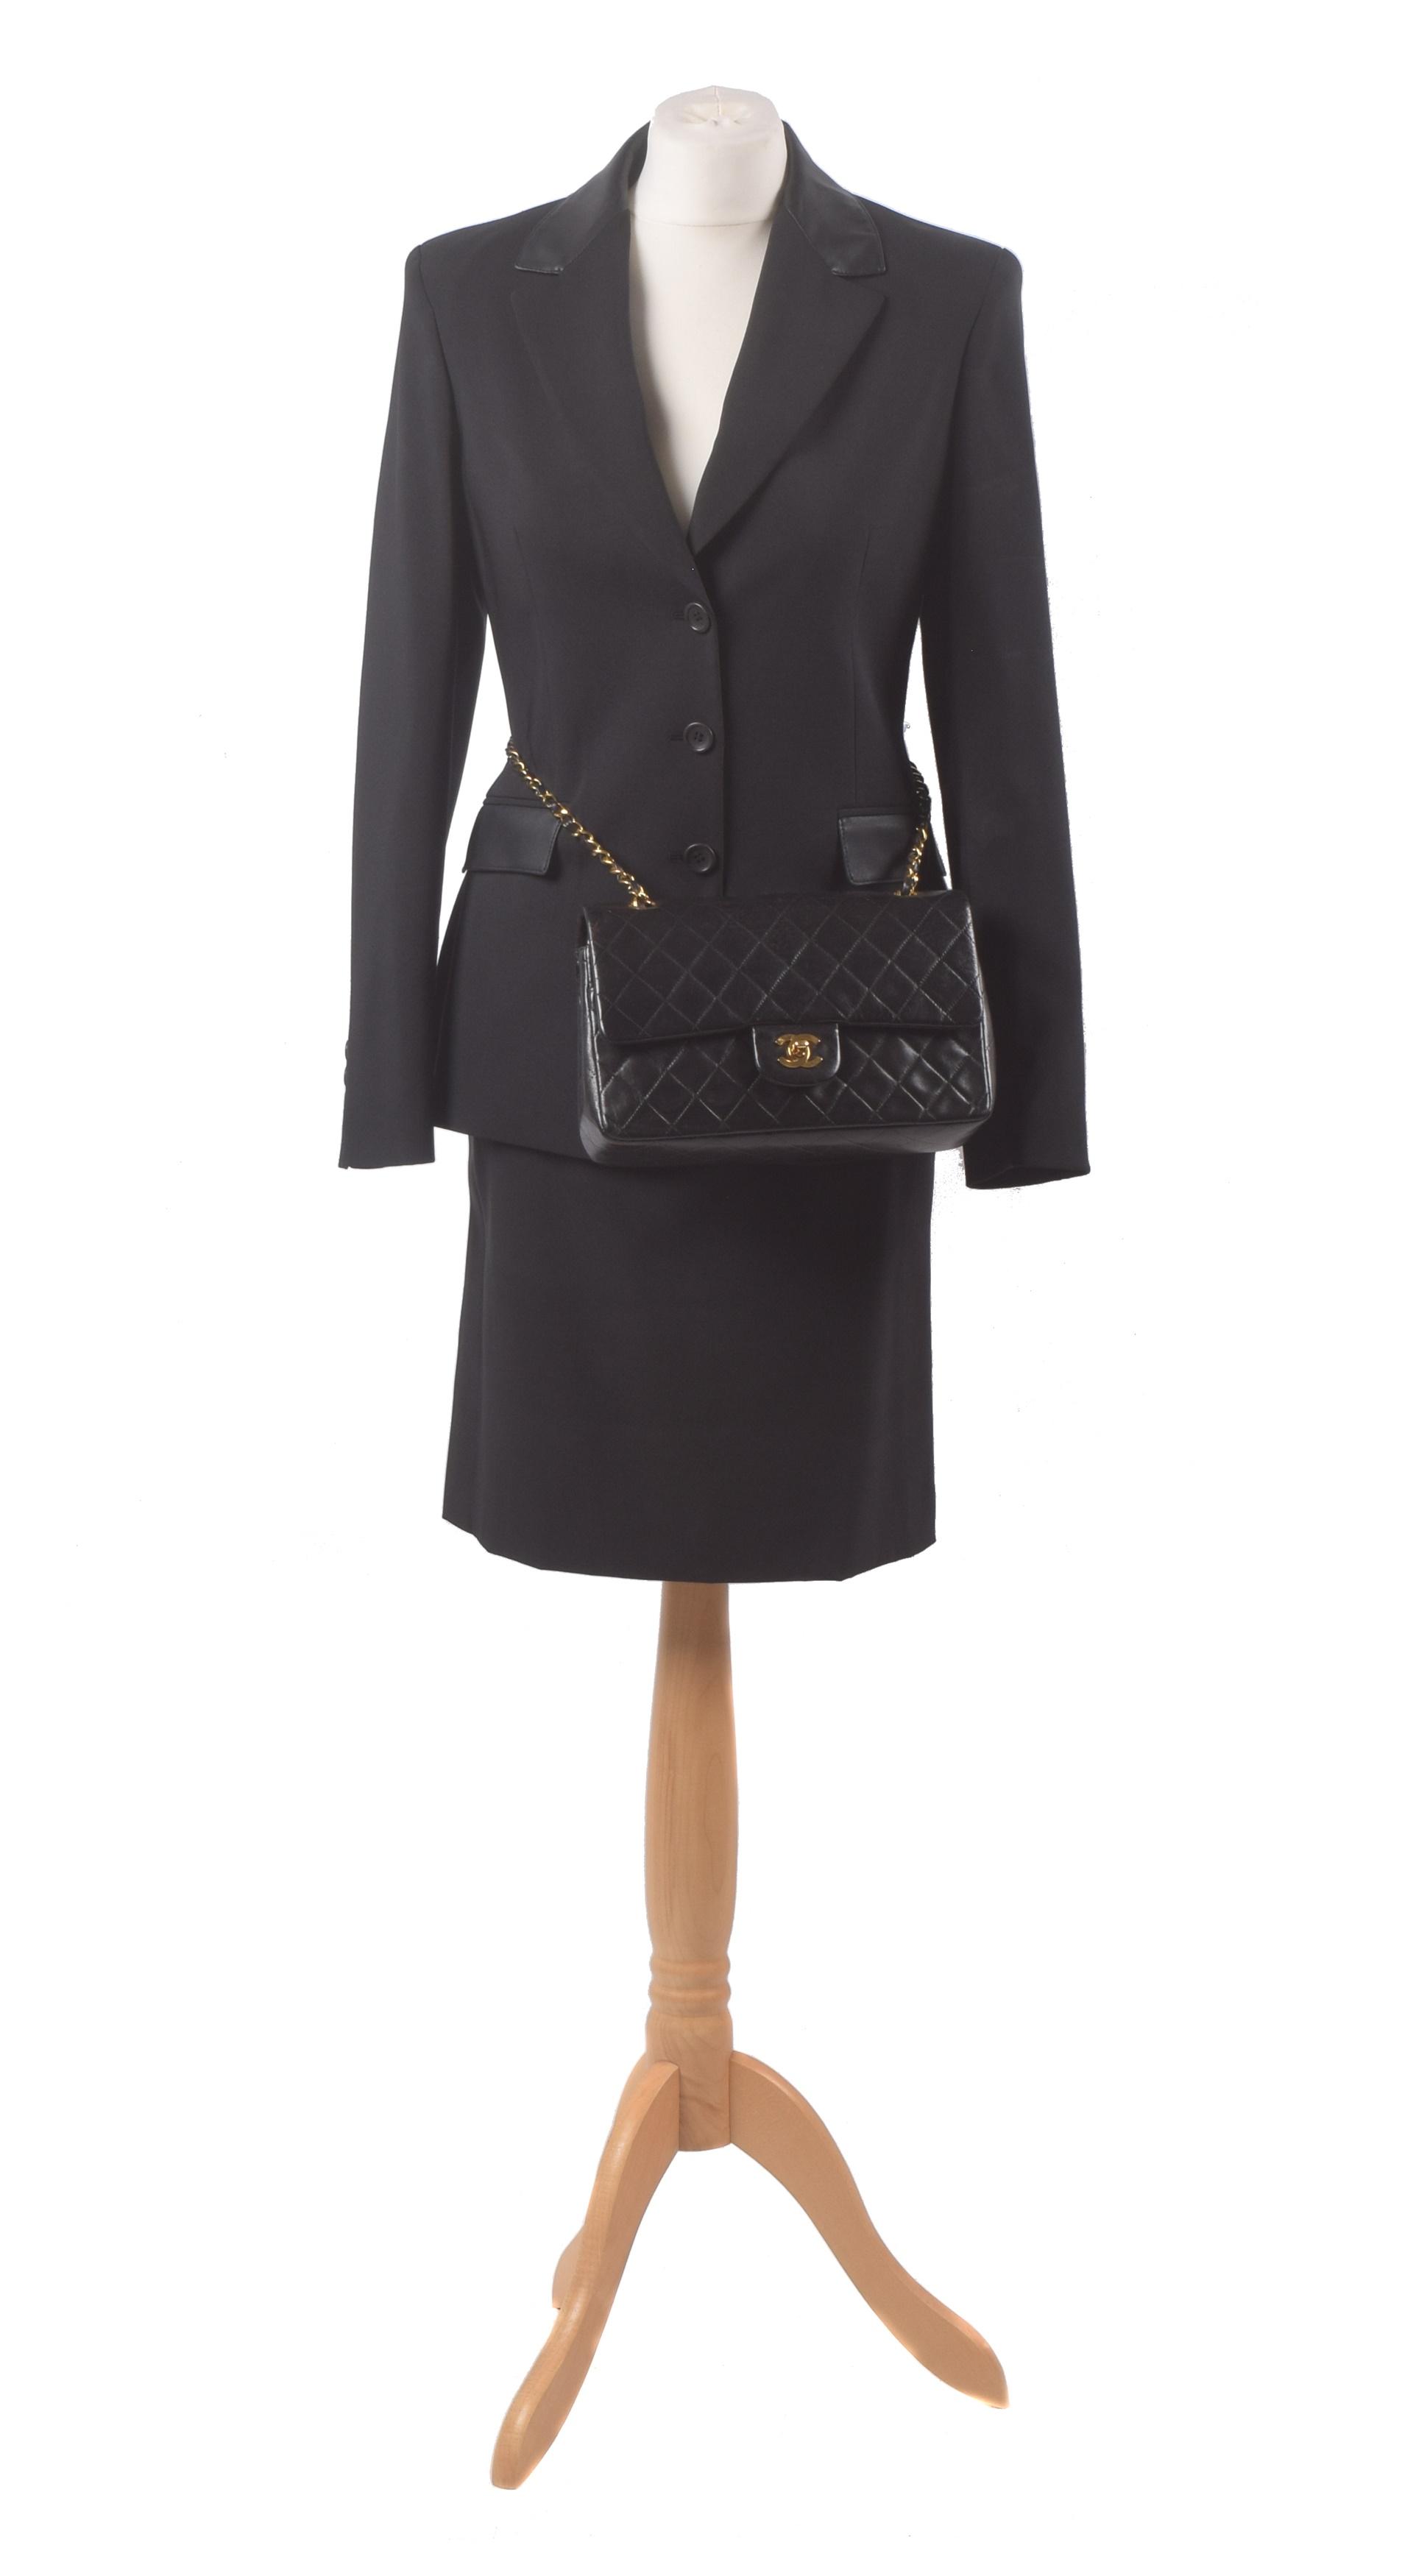 Chanel Double Flap Bag, Versace Suit